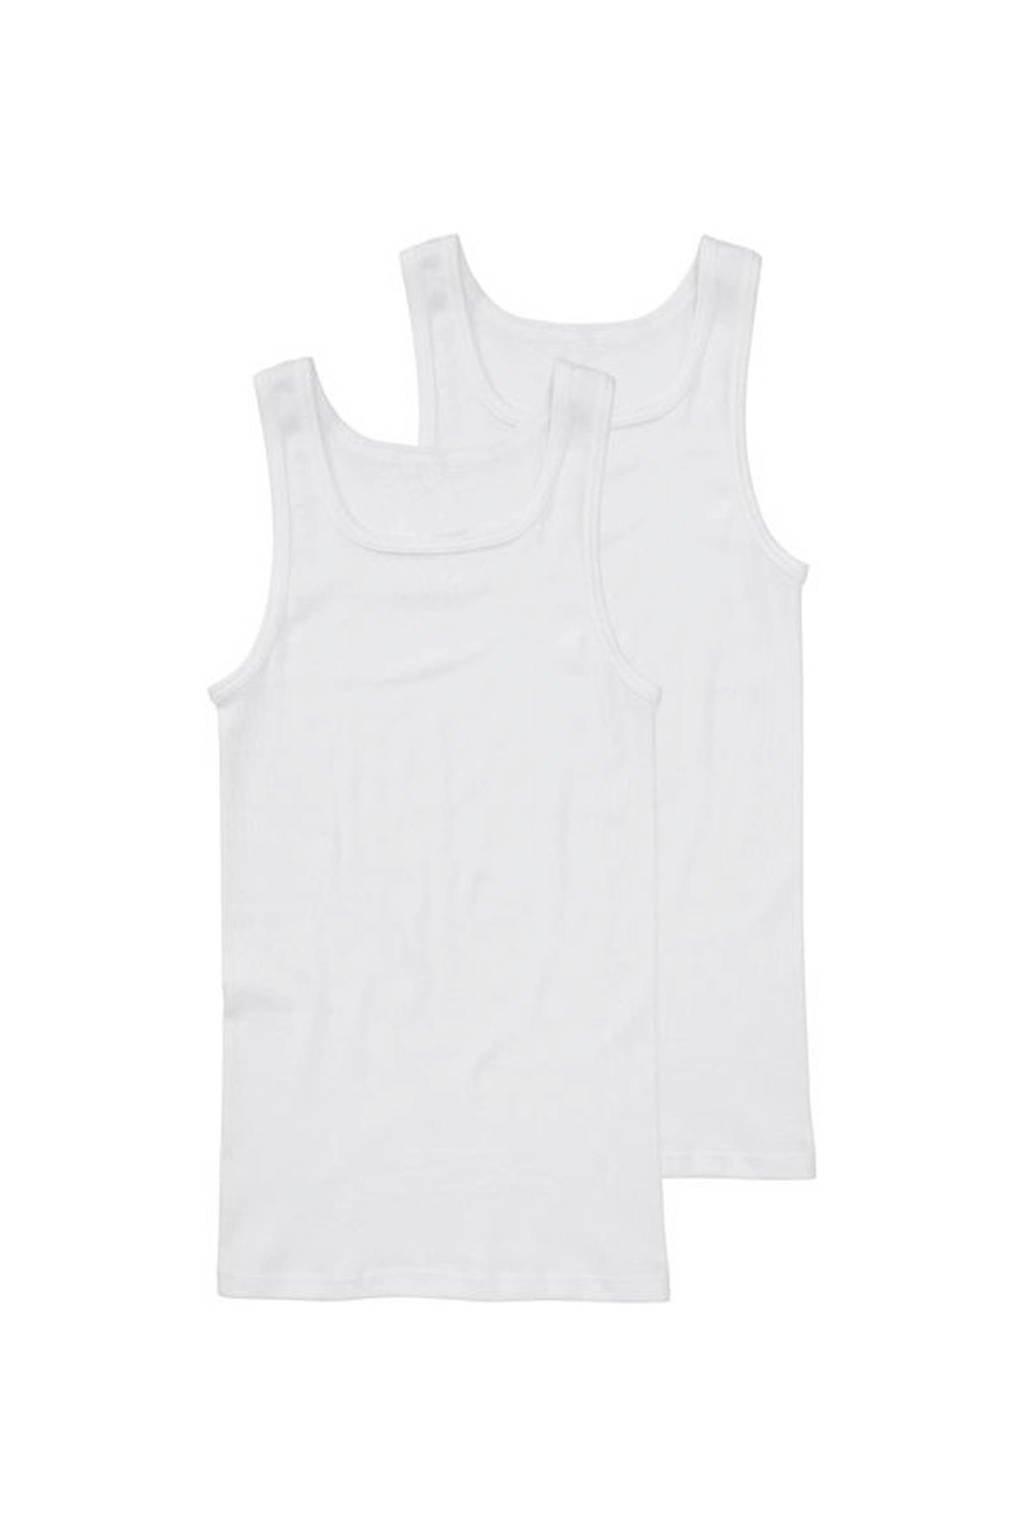 HEMA hemd (set van 2) wit, Wit